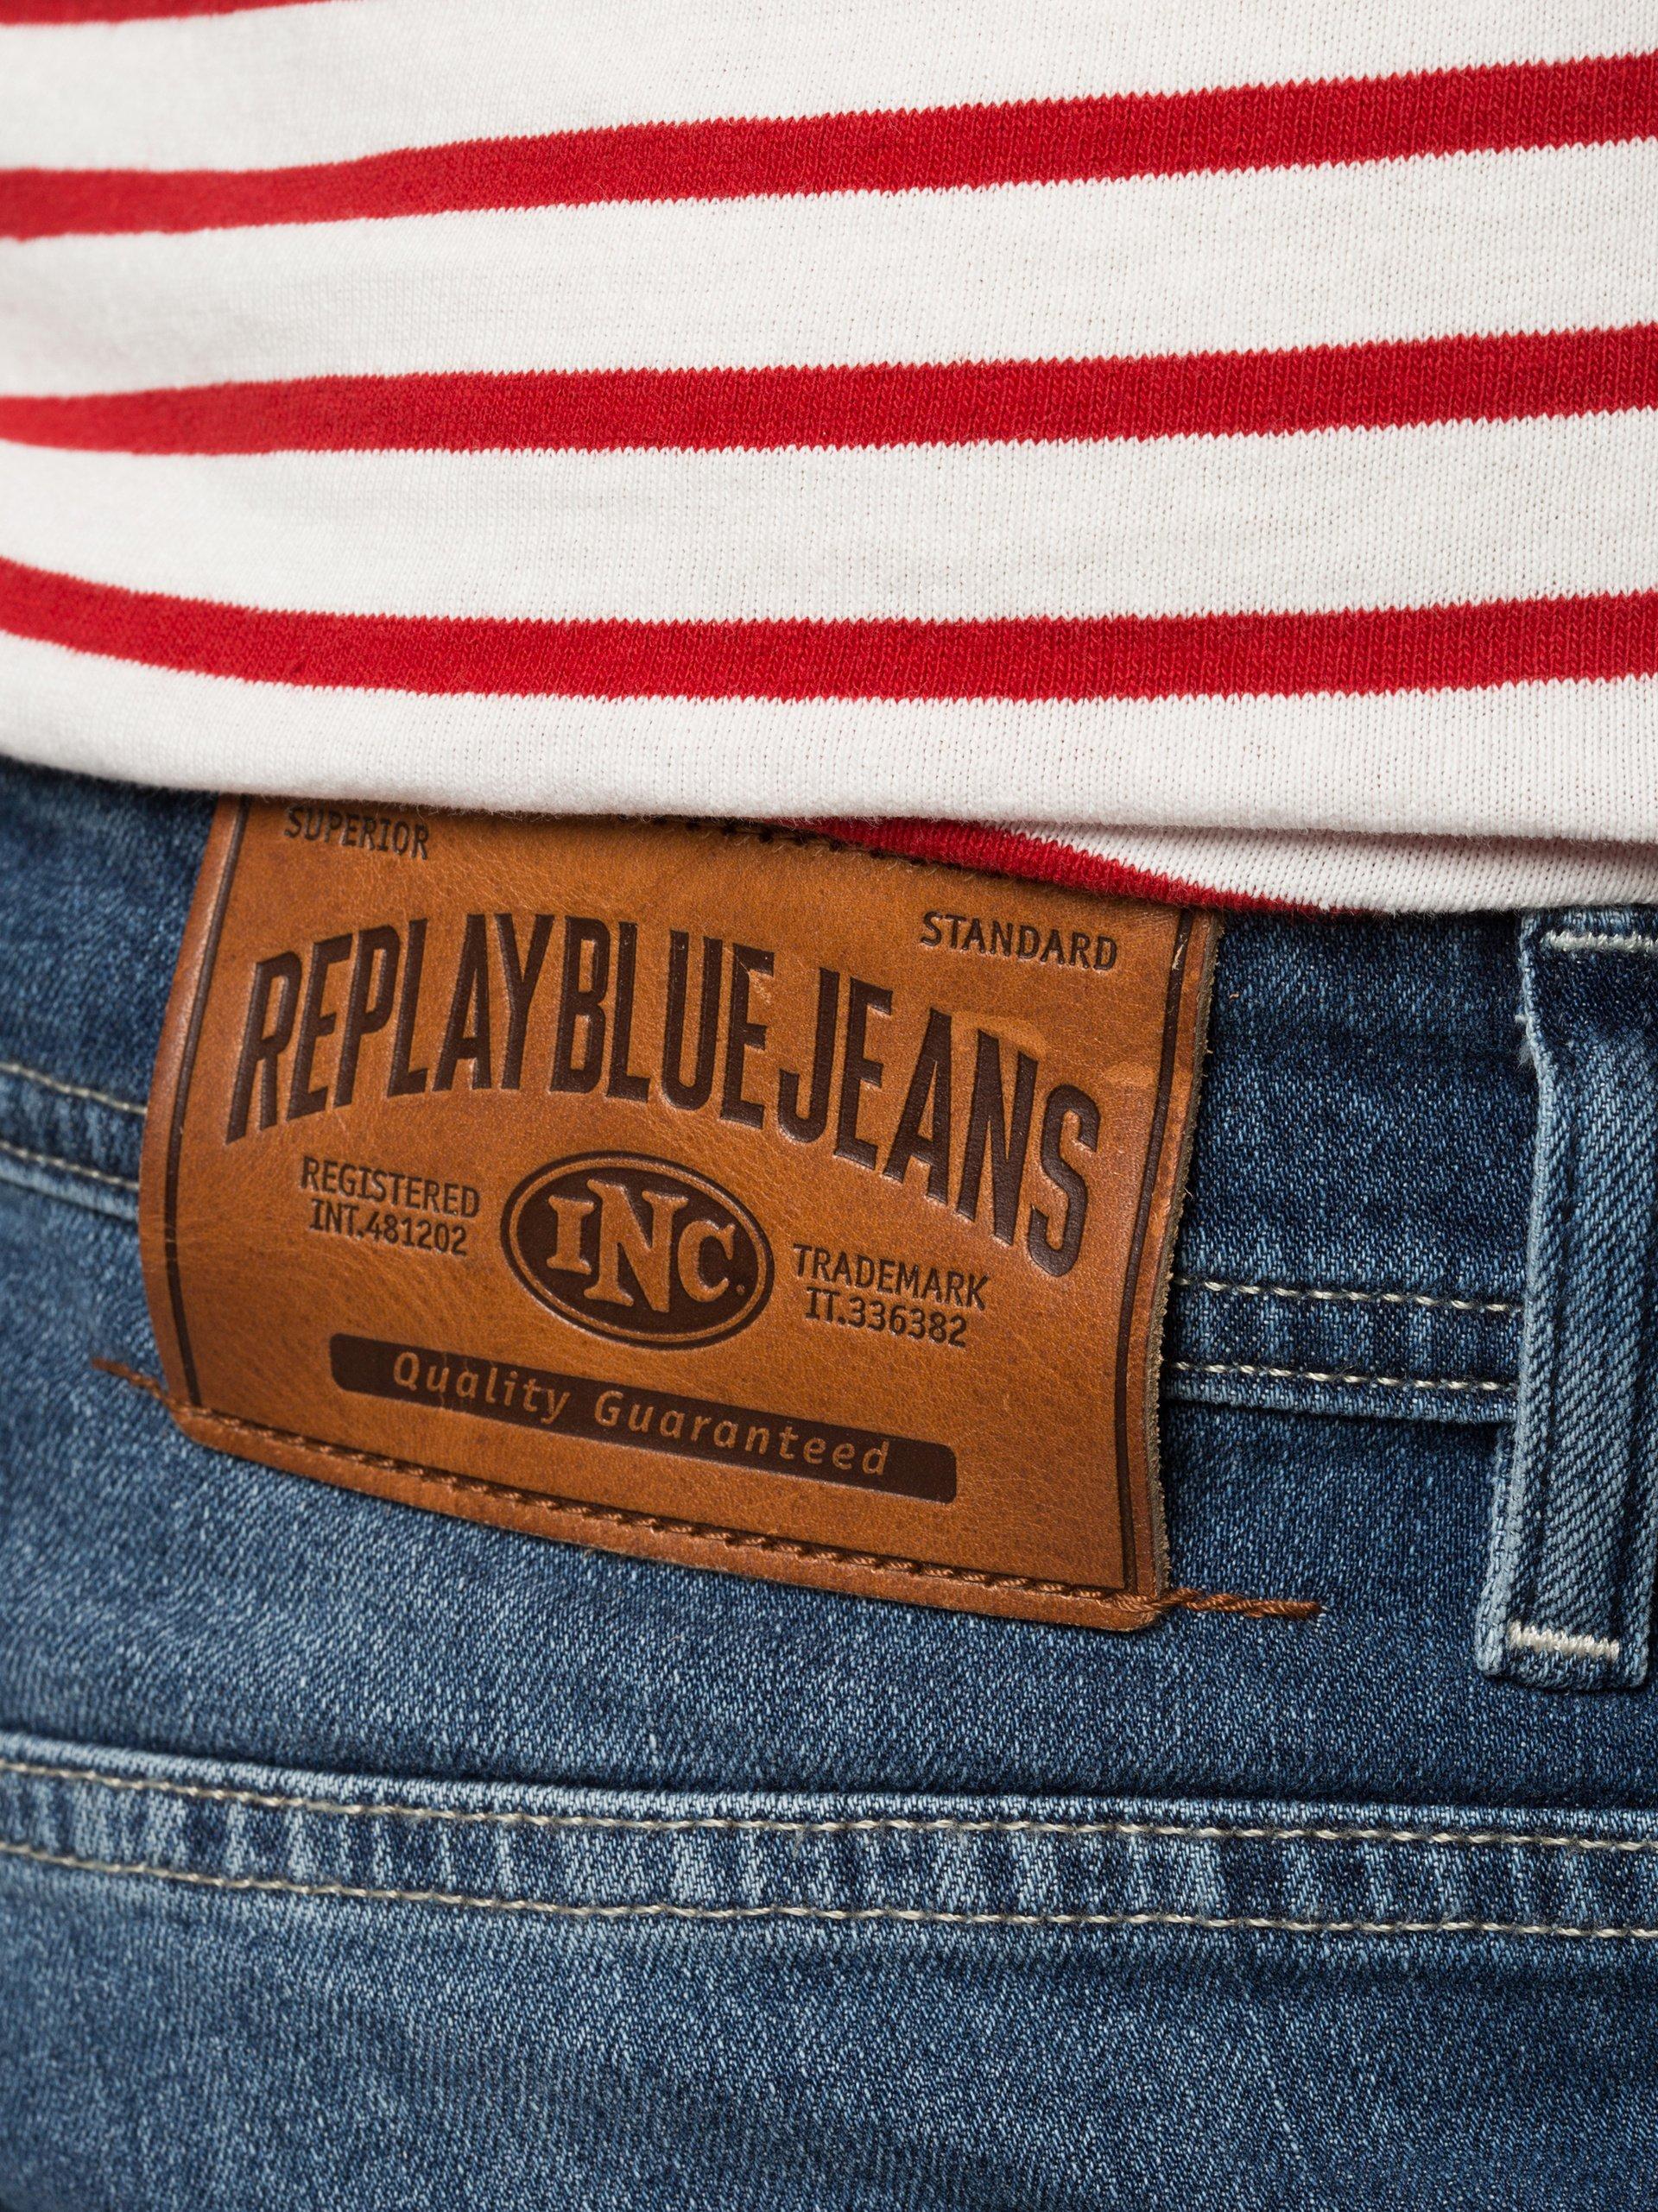 Replay Herren Jeansshorts - RBJ 901